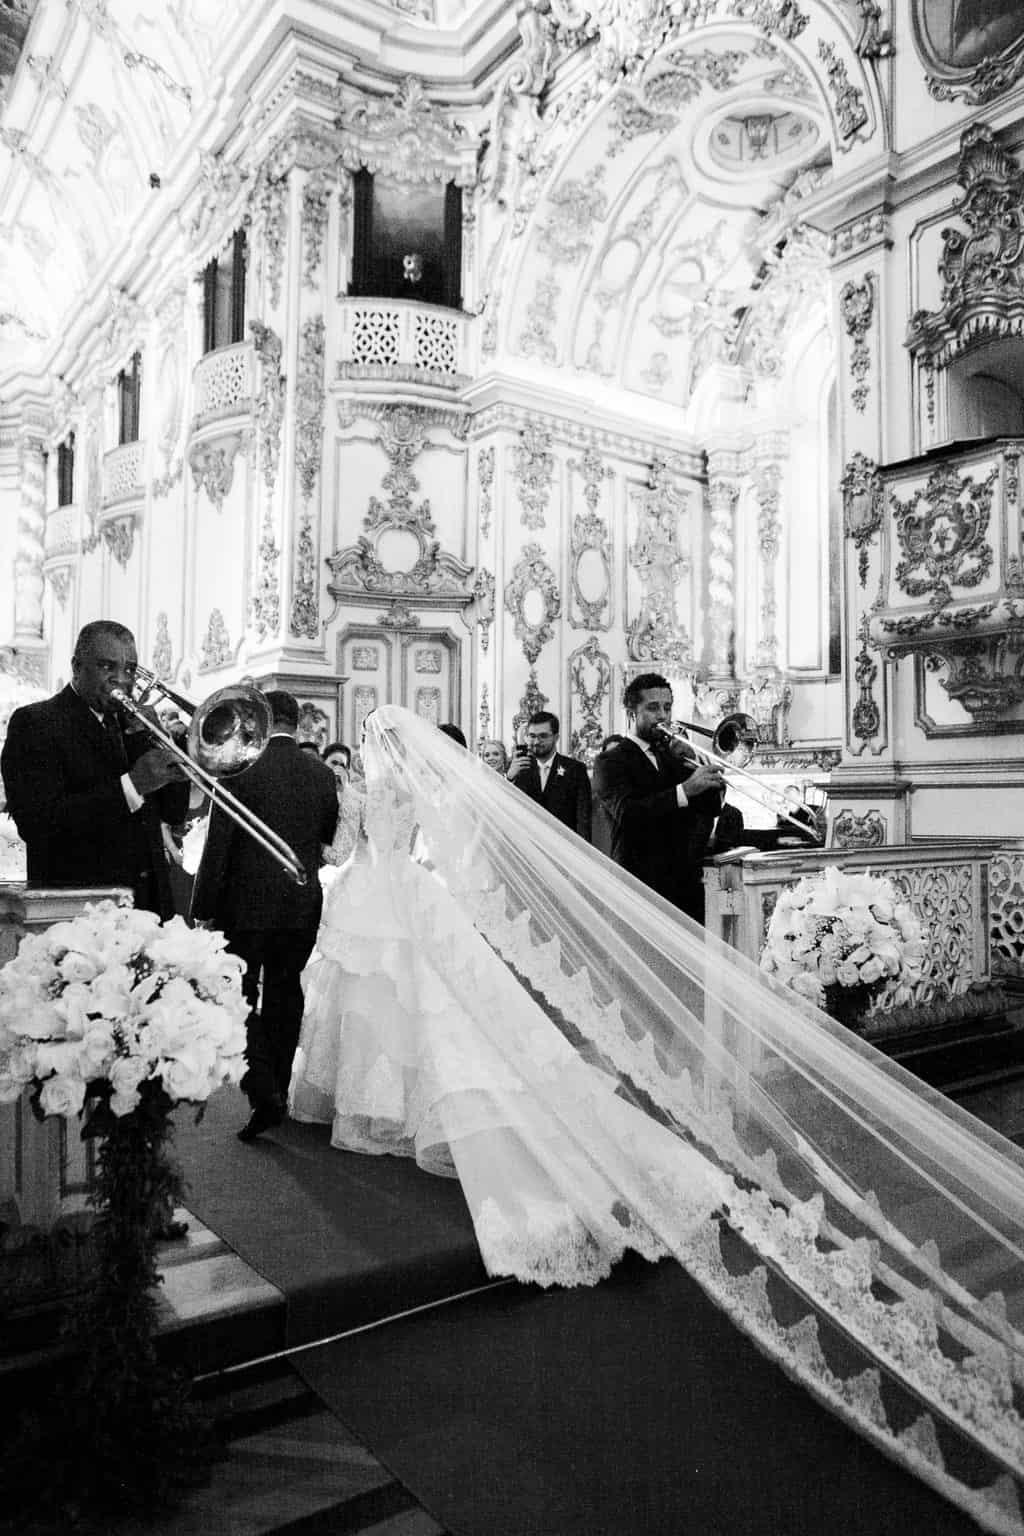 Casamento-Clássico-Casamento-tradicional-Cerimônia-Copacabana-Palace-Monica-Roias-Ribas-Foto-e-Vídeo-Tuanny-e-Bernardo-CaseMe-5